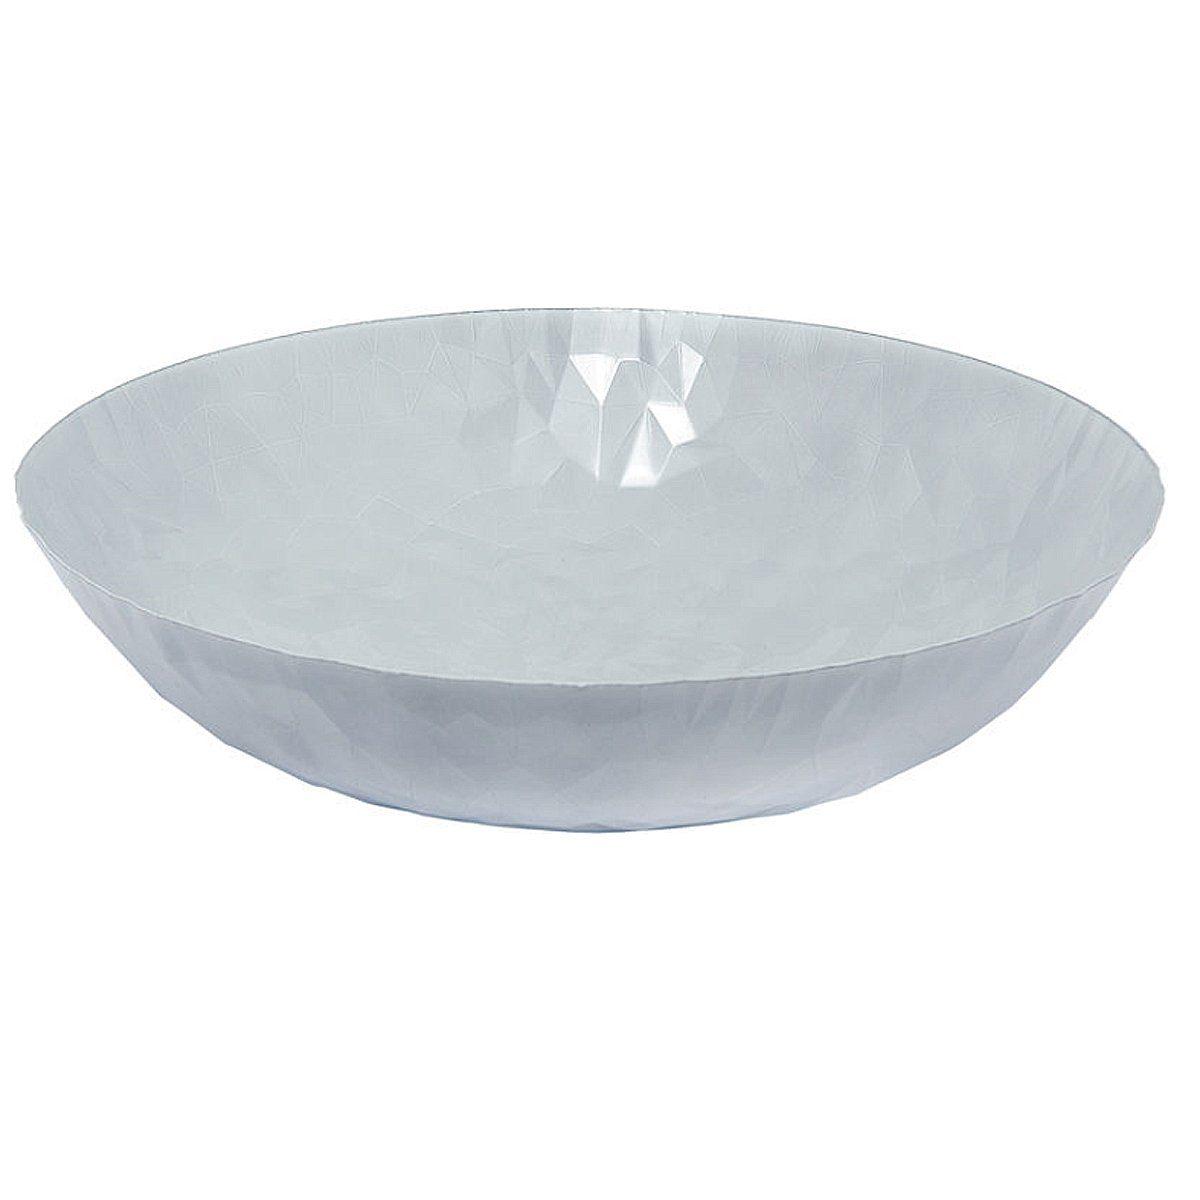 Alessi Alessi Schale Joy n.1, Centrotavola 37 cm, weiß matt